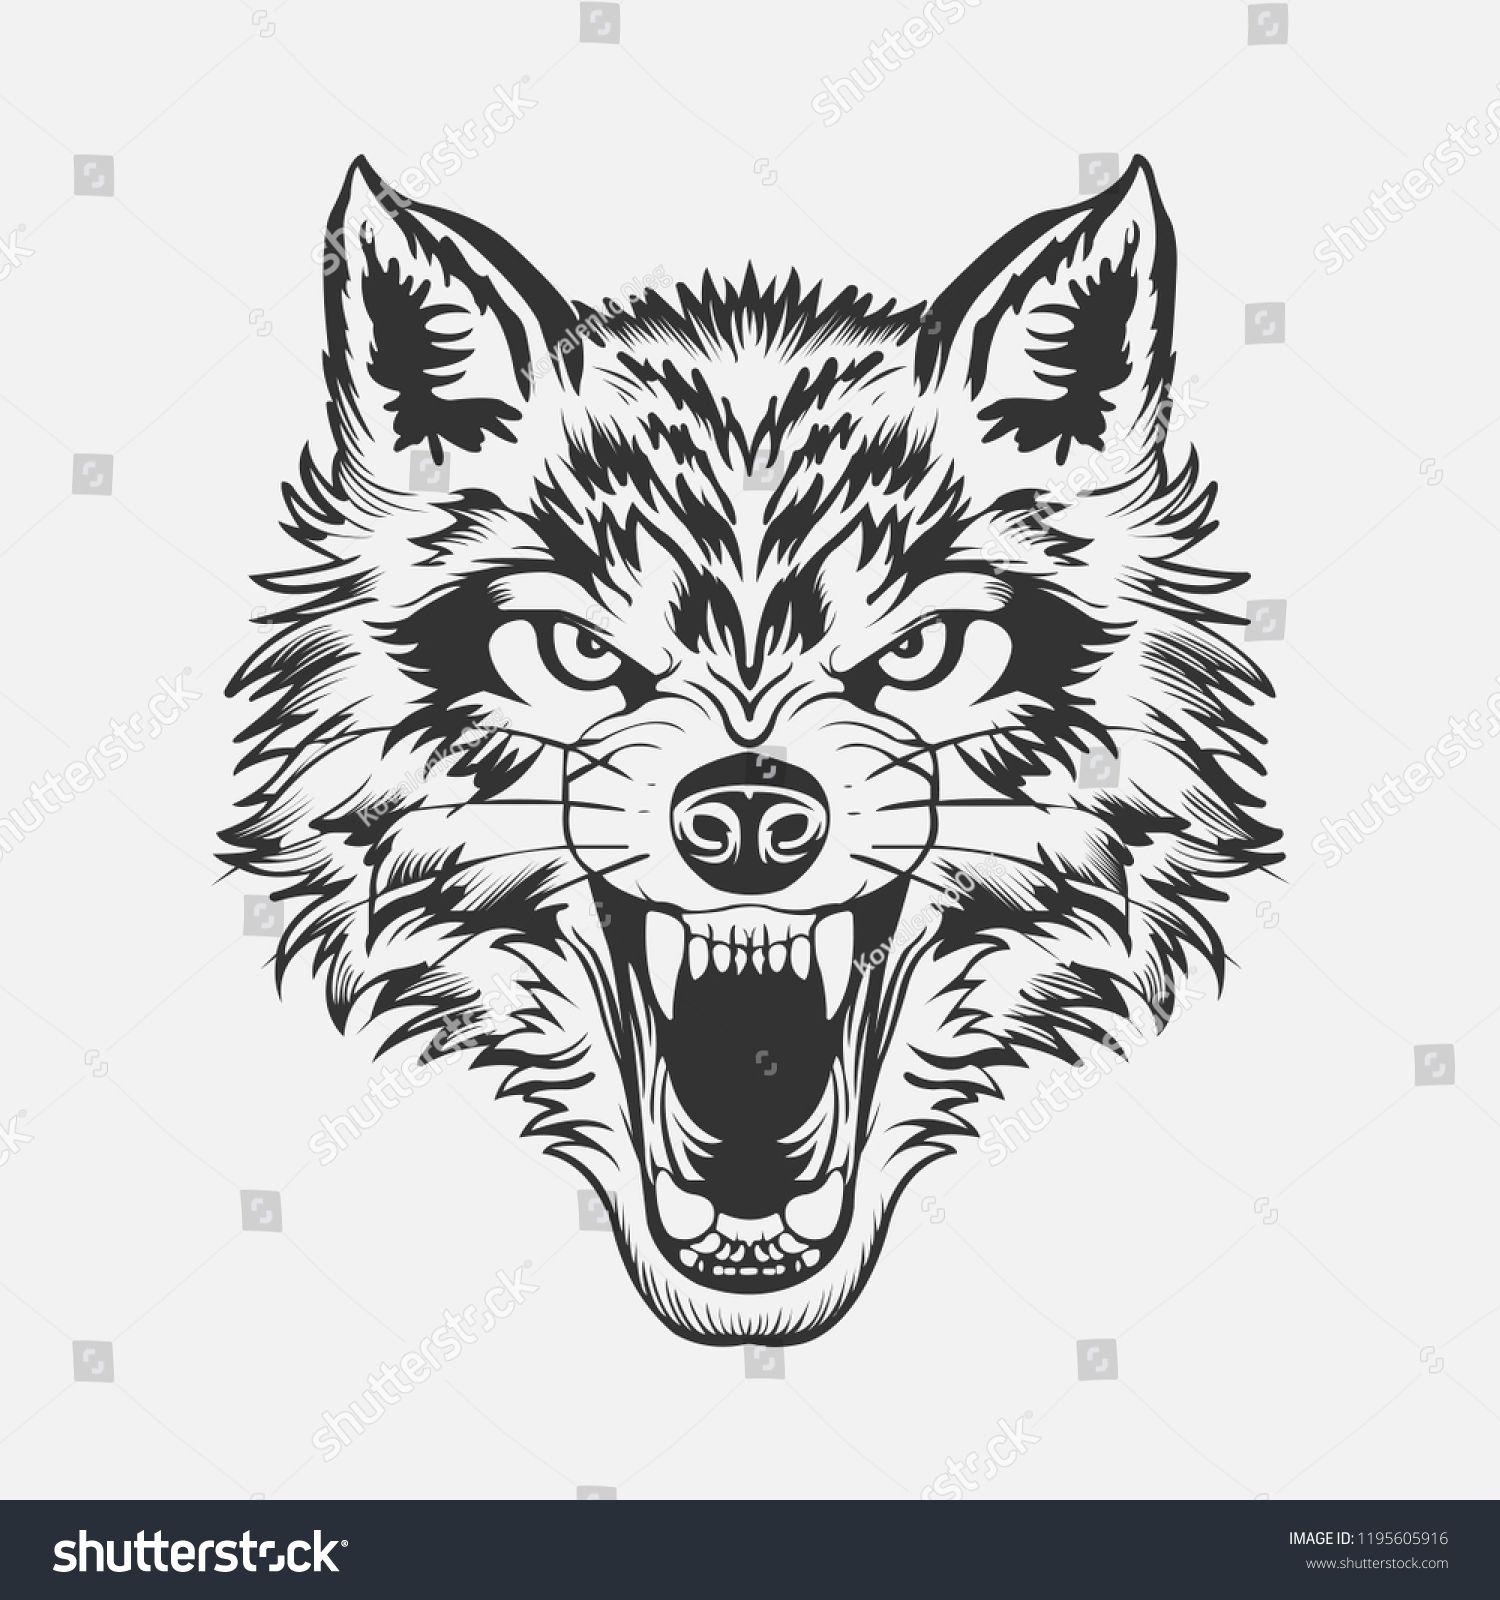 Wolf Head Tattoo Wolf Head Tattoo Cara De Lobo Tatuagem Rosto De Lobo Tatuagem Tribal De Lobo